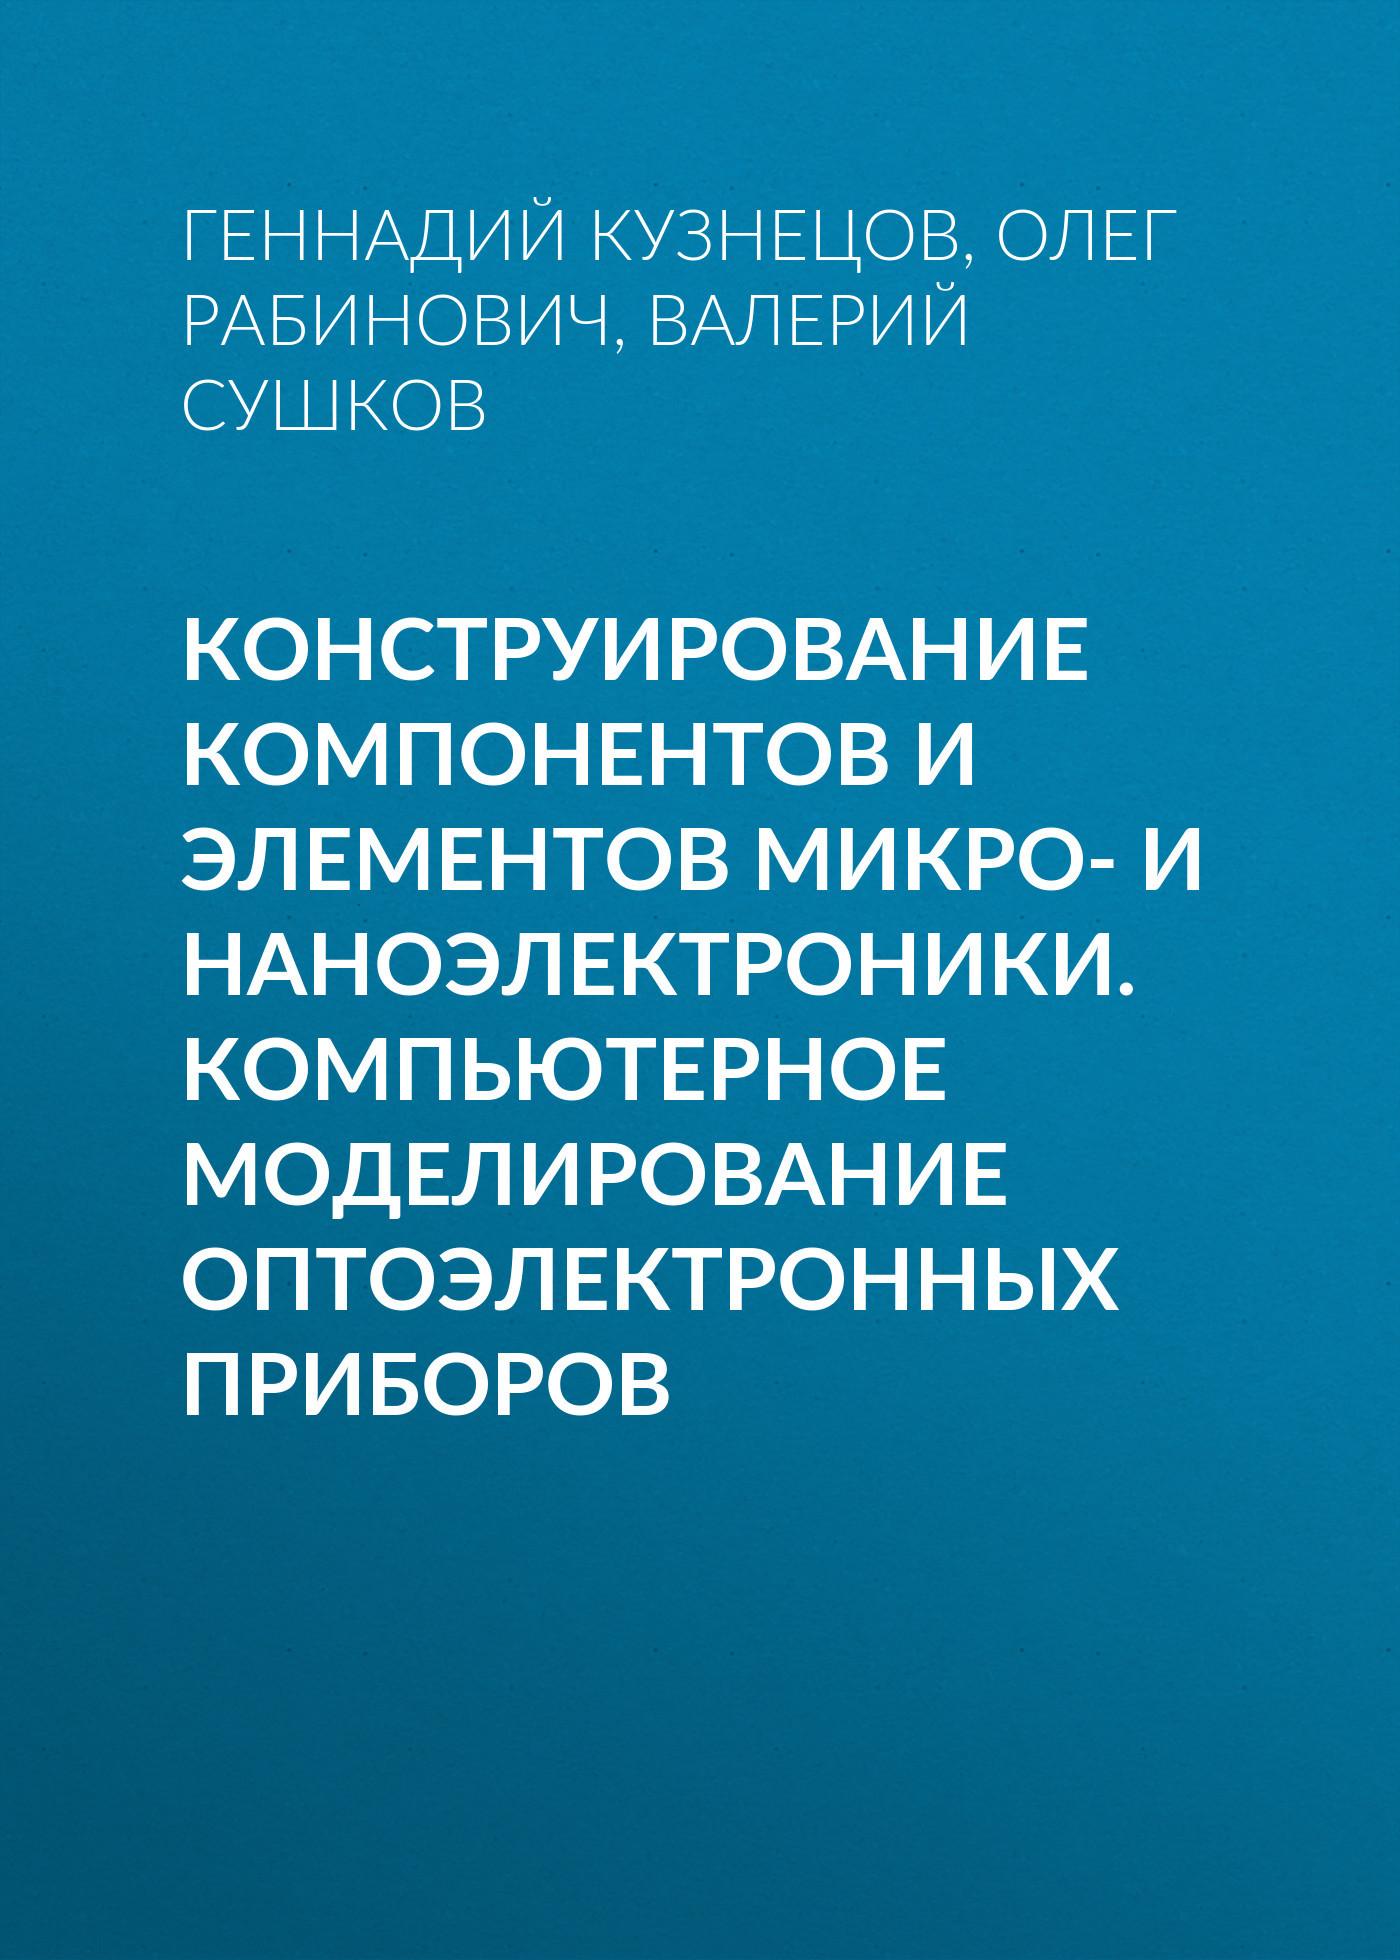 Геннадий Кузнецов Конструирование компонентов и элементов микро- и наноэлектроники. Компьютерное моделирование оптоэлектронных приборов